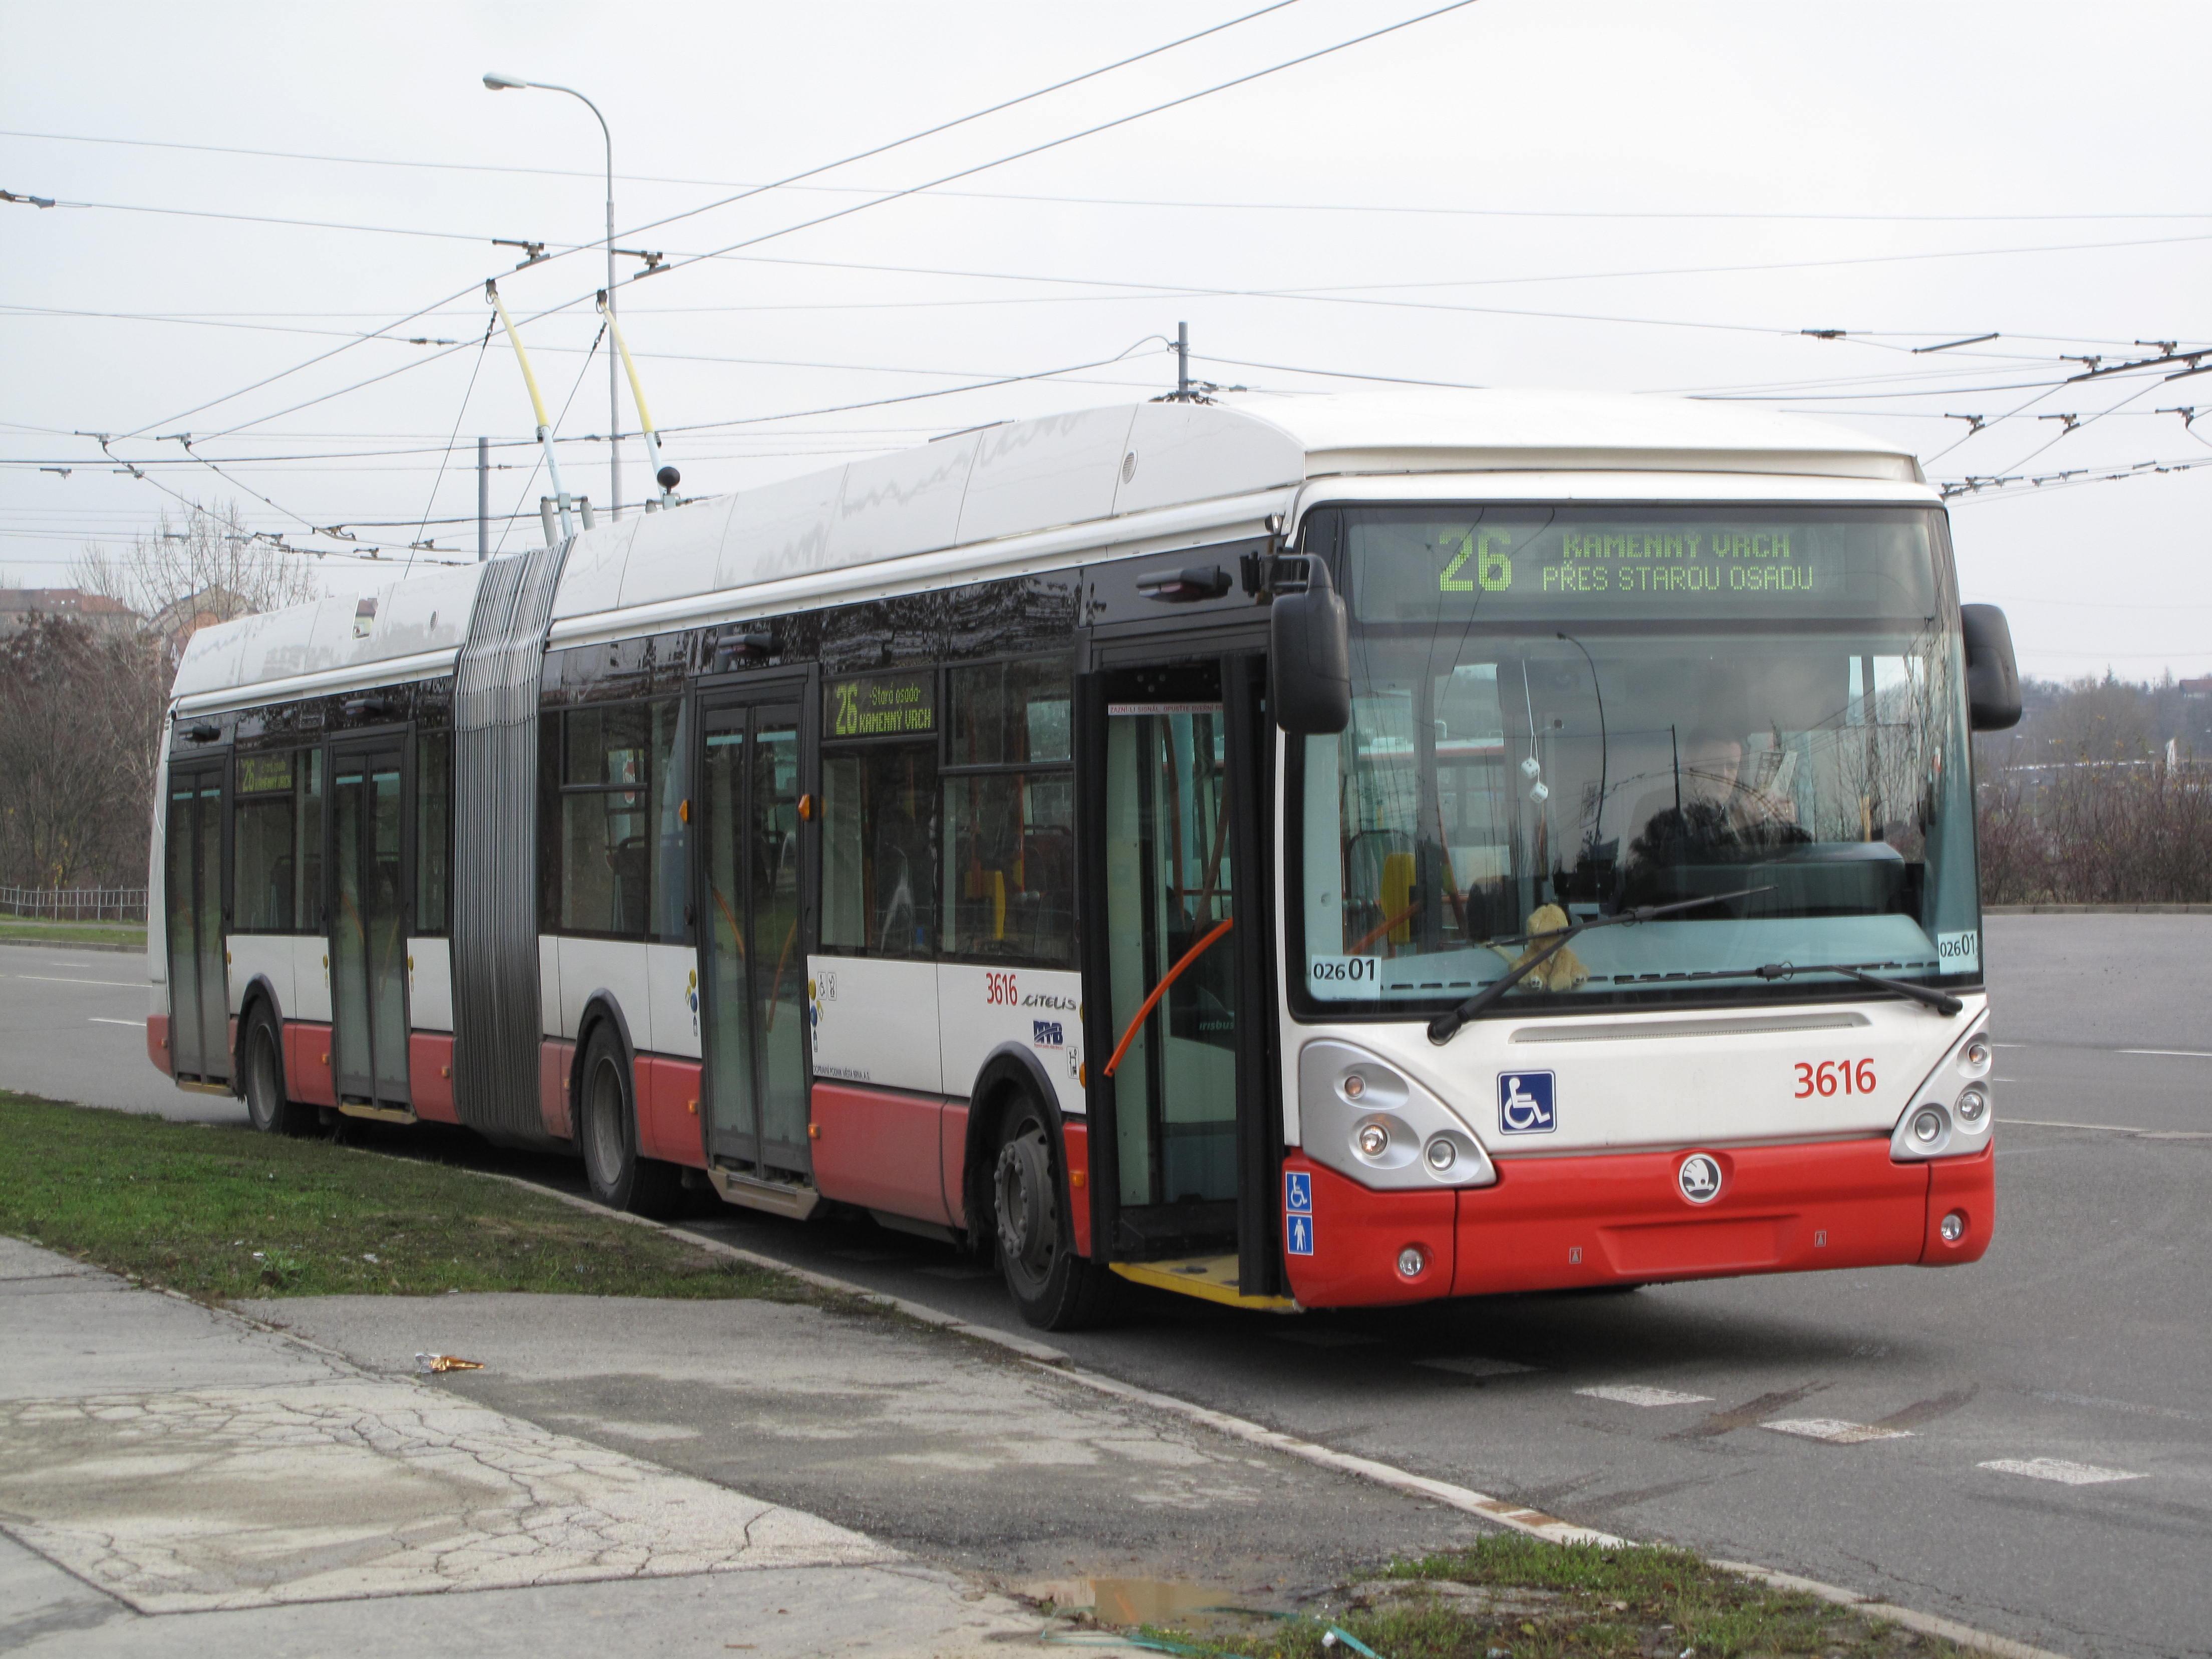 Skoda transports ... Kloubov%C3%BD_trolejbus_u_Novol%C3%AD%C5%A1e%C5%88sk%C3%A9